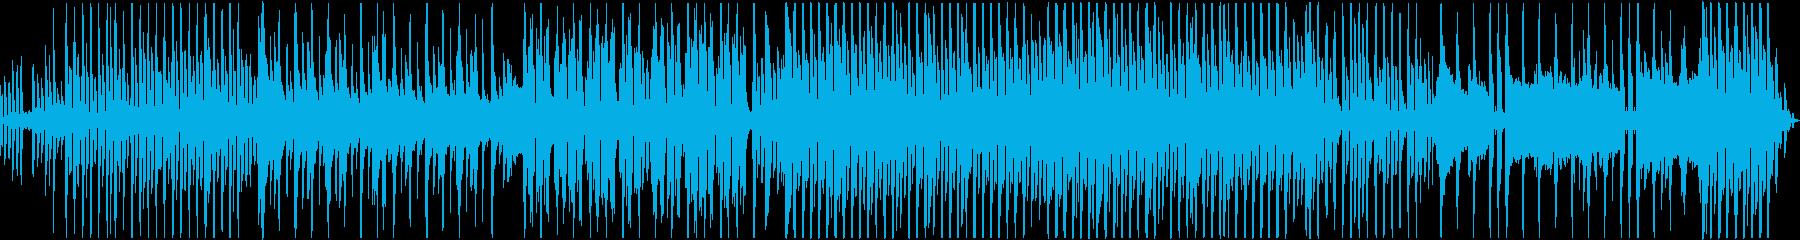 ピアノメインの爽やか系R&Bの再生済みの波形